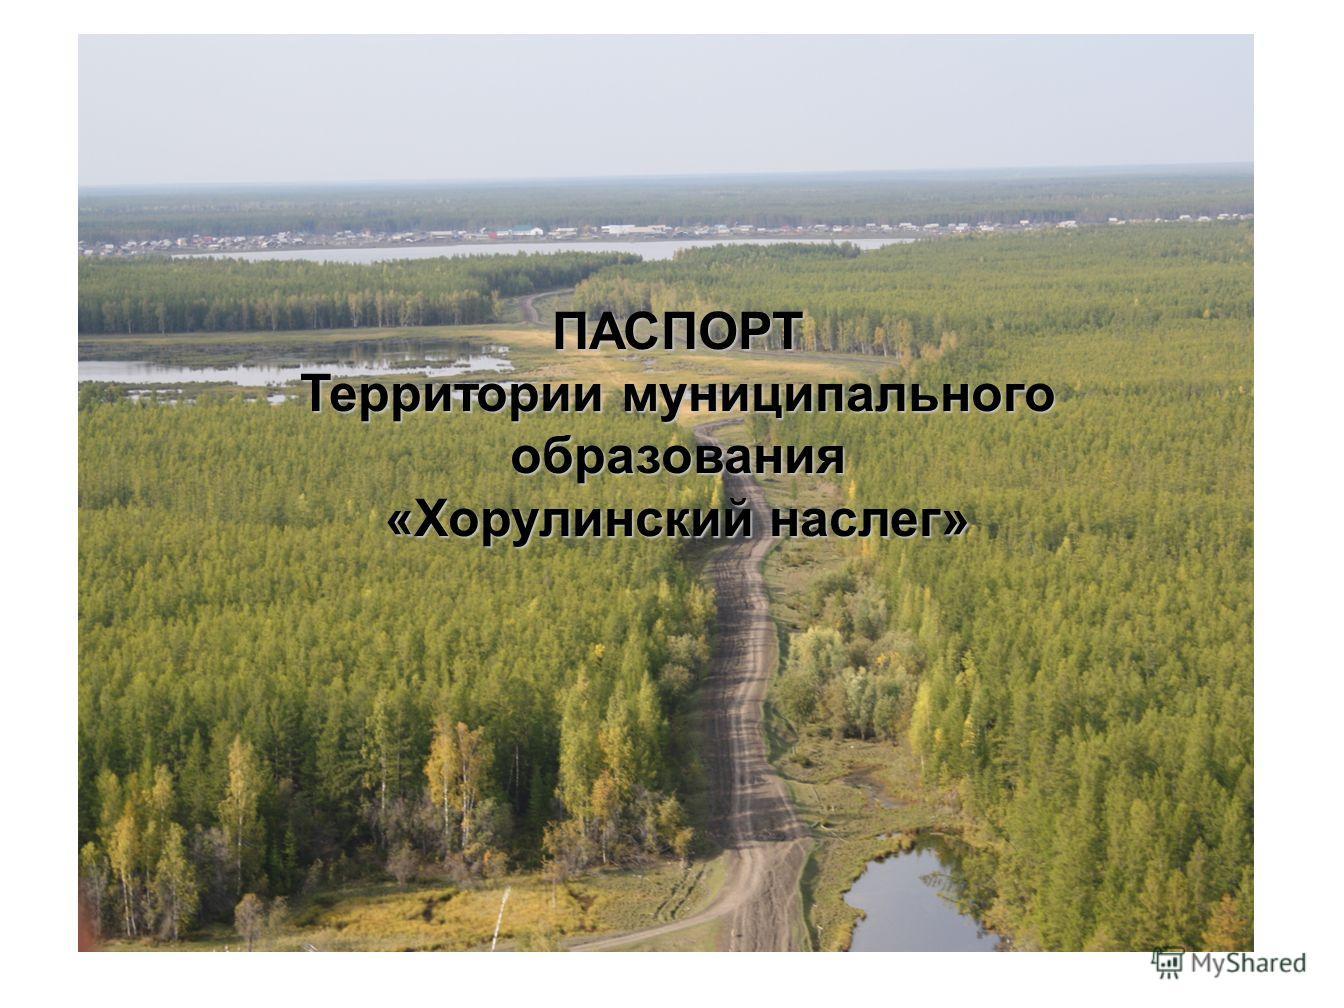 ПАСПОРТ Территории муниципального образования «Хорулинский наслег»